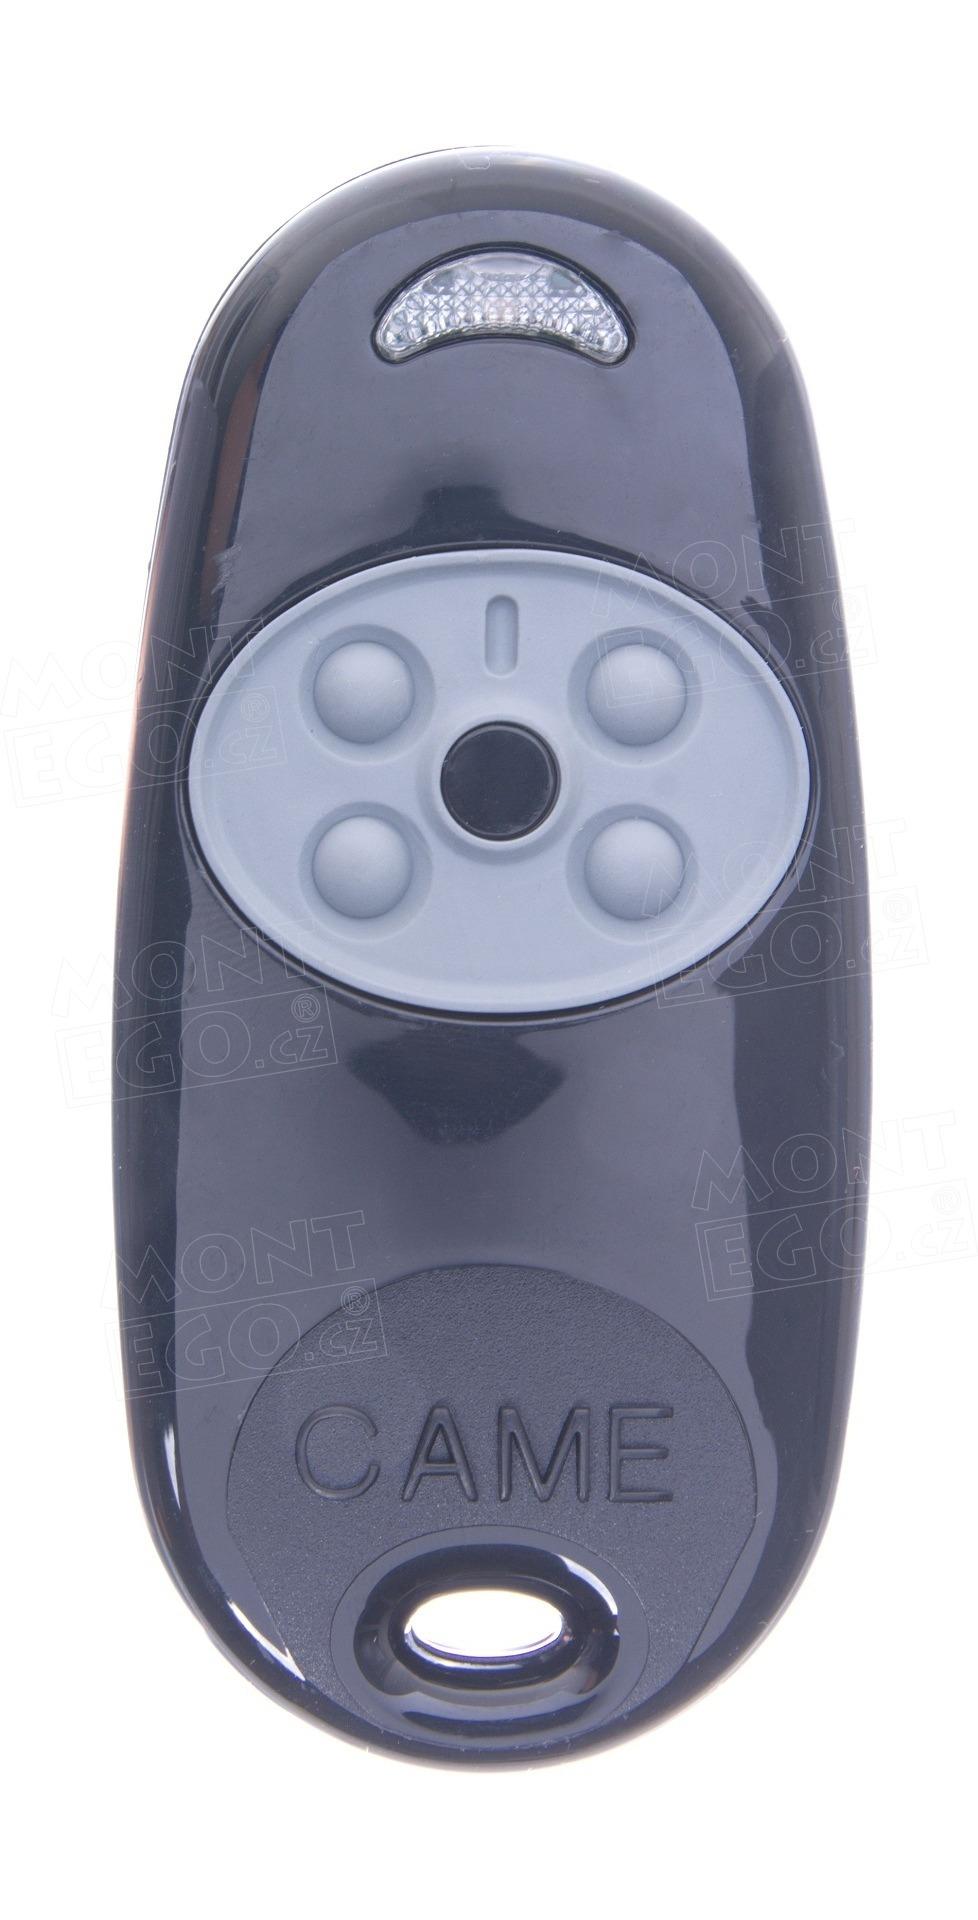 CAME AT04 4 kanálový dálkový ovladač k vratům